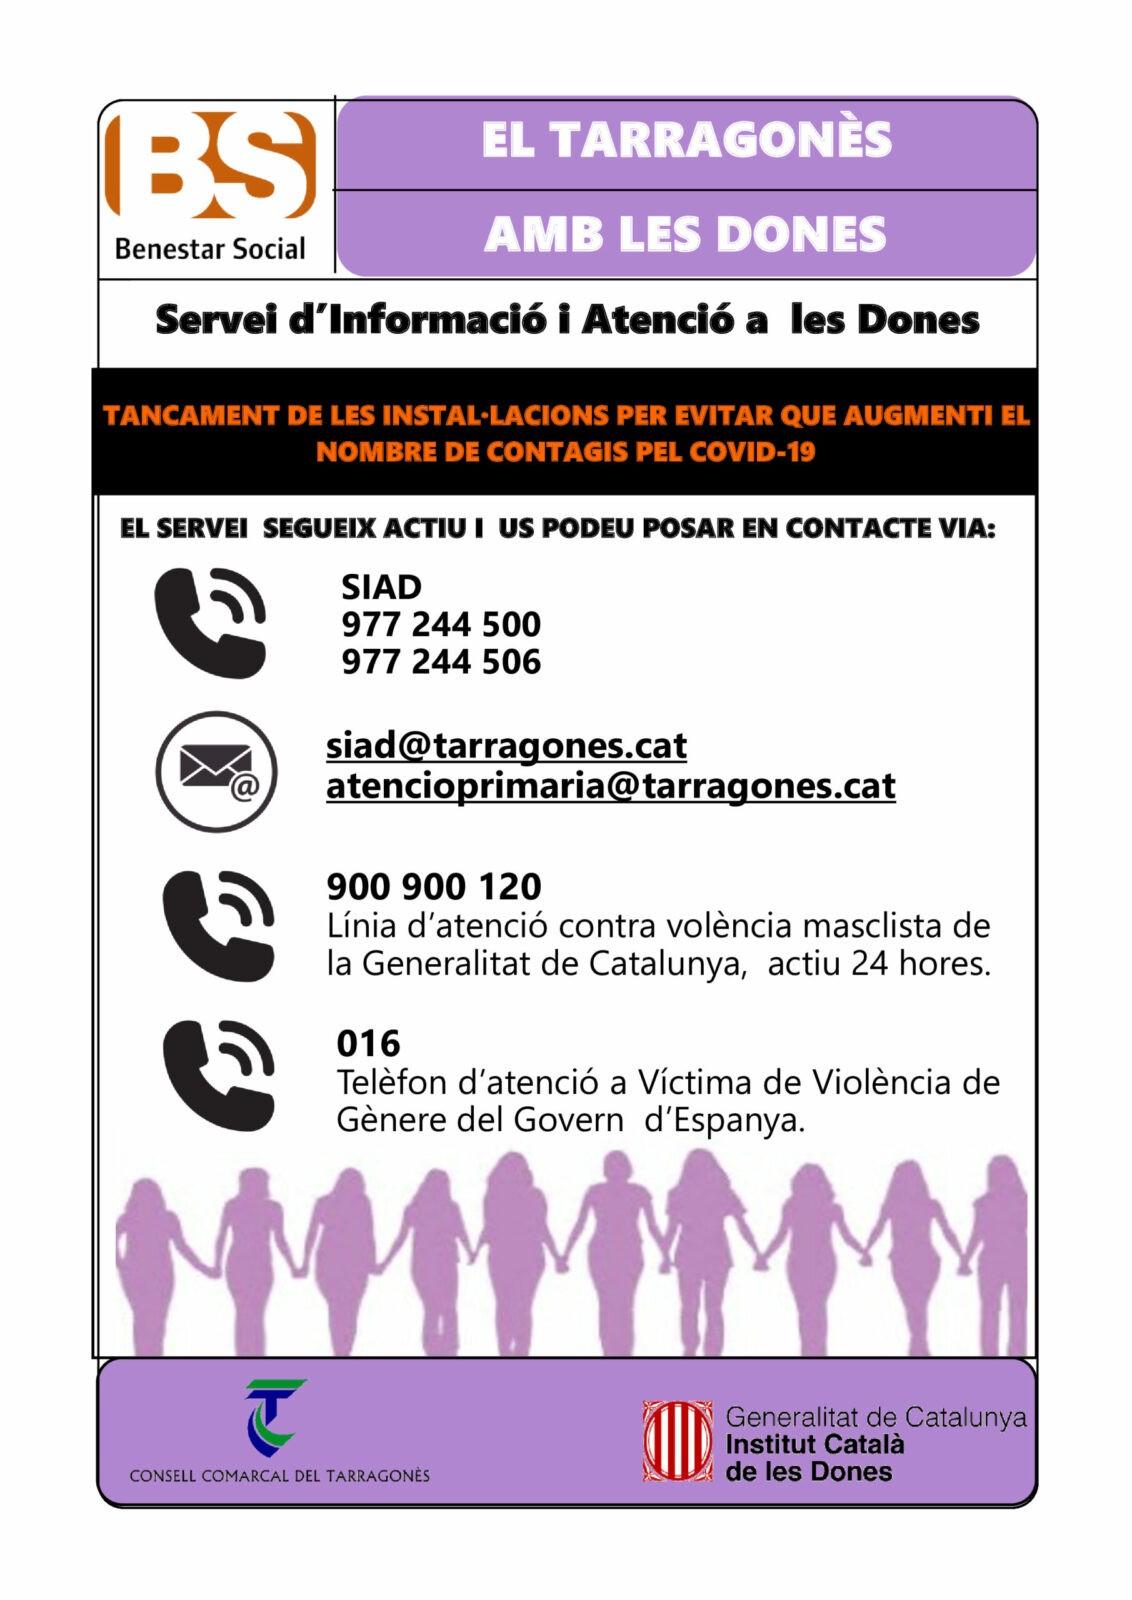 BENESTAR SOCIAL – SERVEI D'INFORMACIÓ I ATENCIÓ A LES DONES